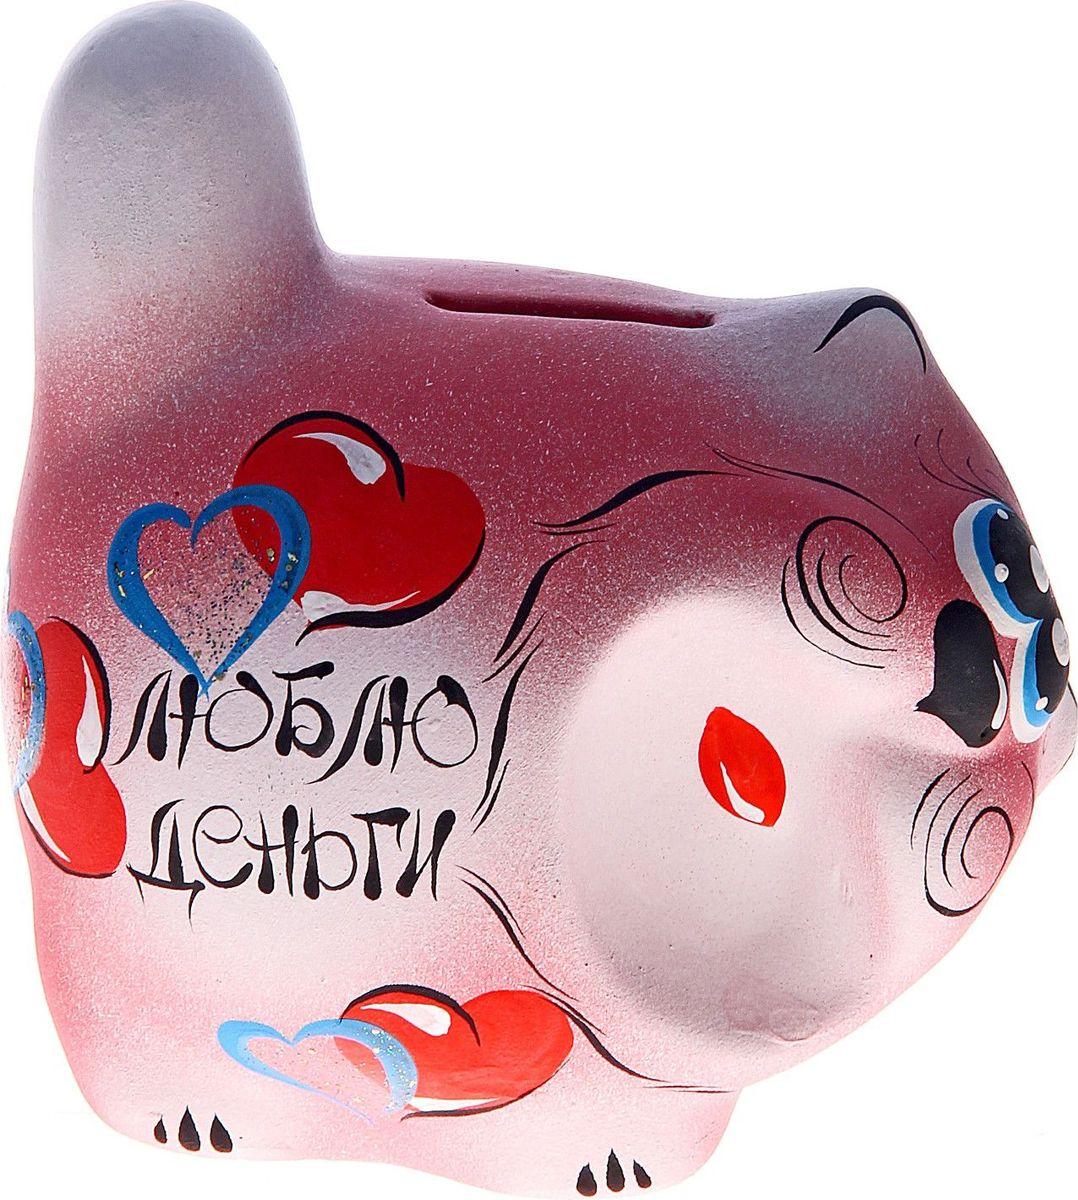 Копилка Кот: люблю деньги, 12 х 10 х 12 см772106Копилка — универсальный вариант подарка любому человеку, ведь каждый из нас мечтает о какой-то дорогостоящей вещи и откладывает или собирается откладывать деньги на её приобретение. Вместительная копилка станет прекрасным хранителем сбережений и украшением интерьера. Она выглядит так ярко и эффектно, что проходя мимо, обязательно захочется забросить пару монет.Копилка является многоразовой, что позволит вам воспользоваться накопленными деньгами в любой момент.